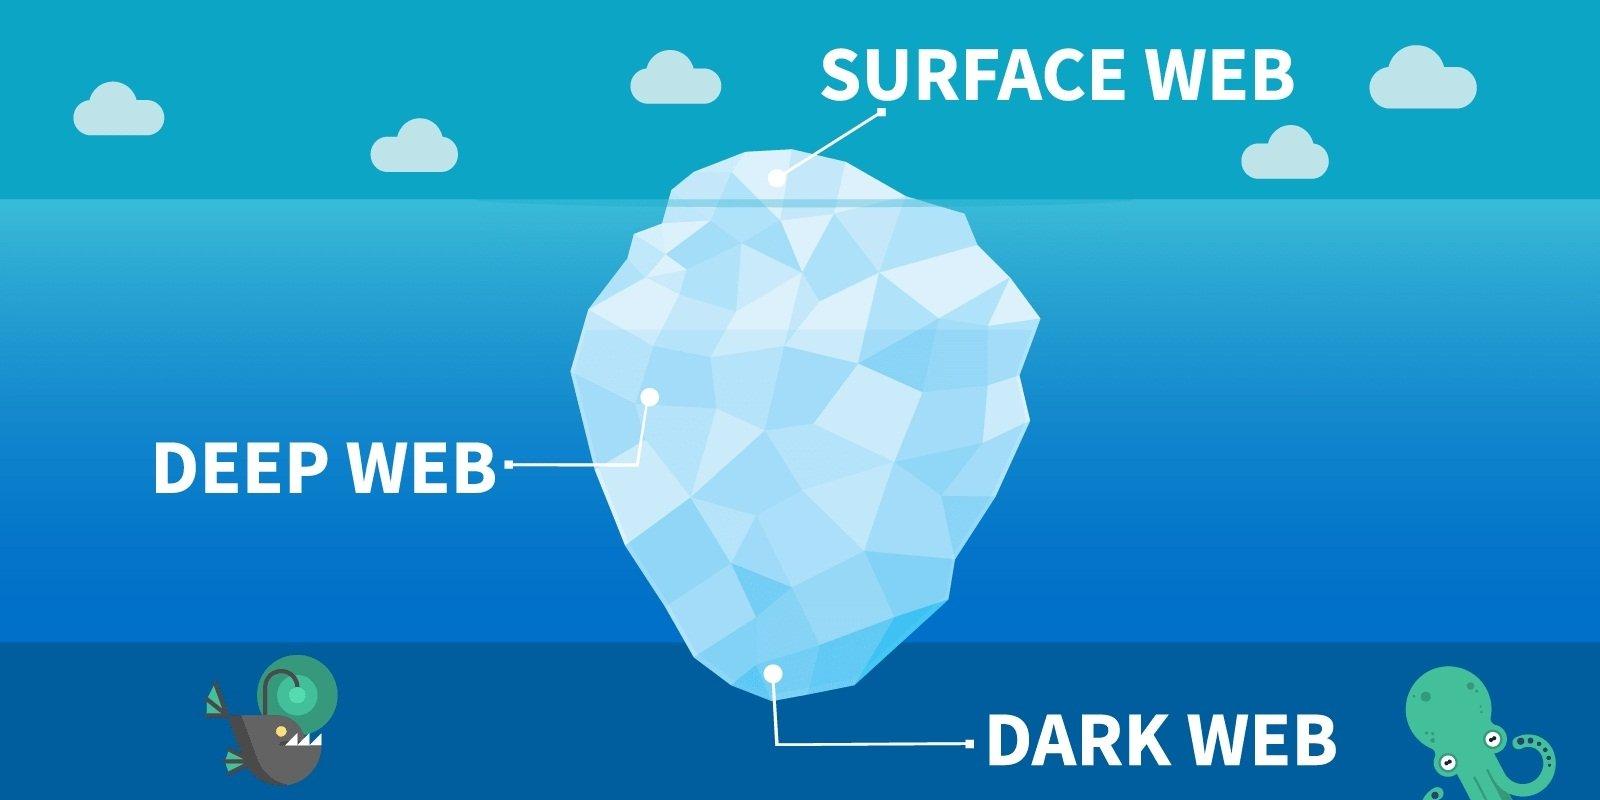 互联网是巨大的,我们日常访问的其实只是冰山上的部分,但在冰山之下藏著不比互联网小的深层网络(Deep Web)和黑暗网络(Dark Web)。冯宗福分享,黑网是一个很可怕的世界,很多人都会在这里进行不道德的交易,包括买卖人类器官、名人艳照等等。